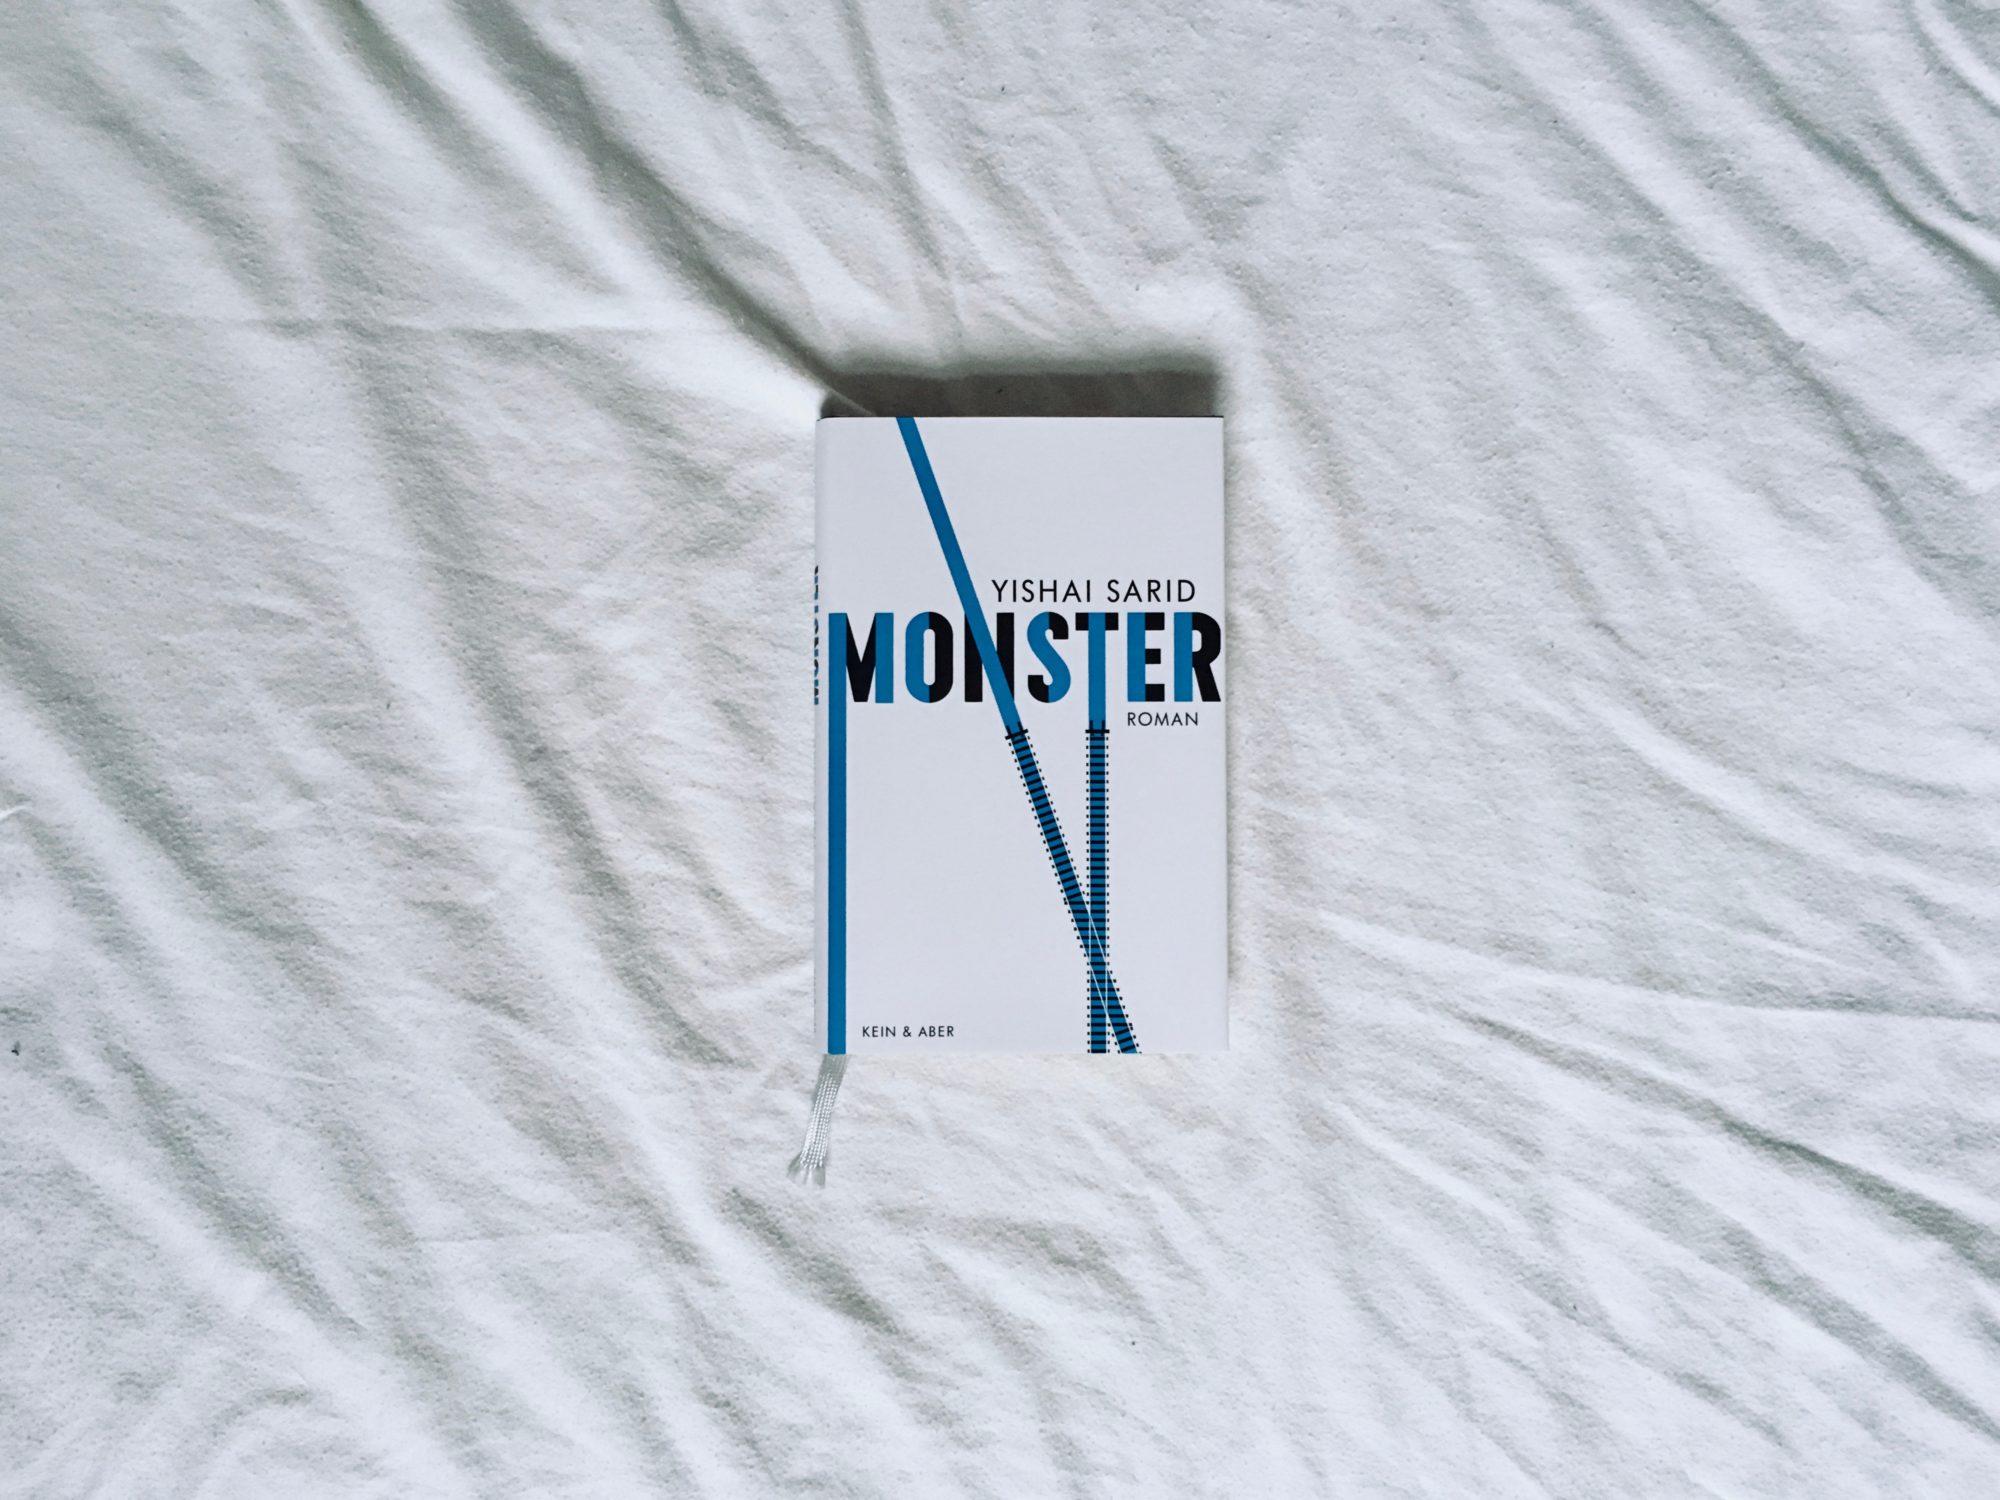 Yishai Sarid: Monster